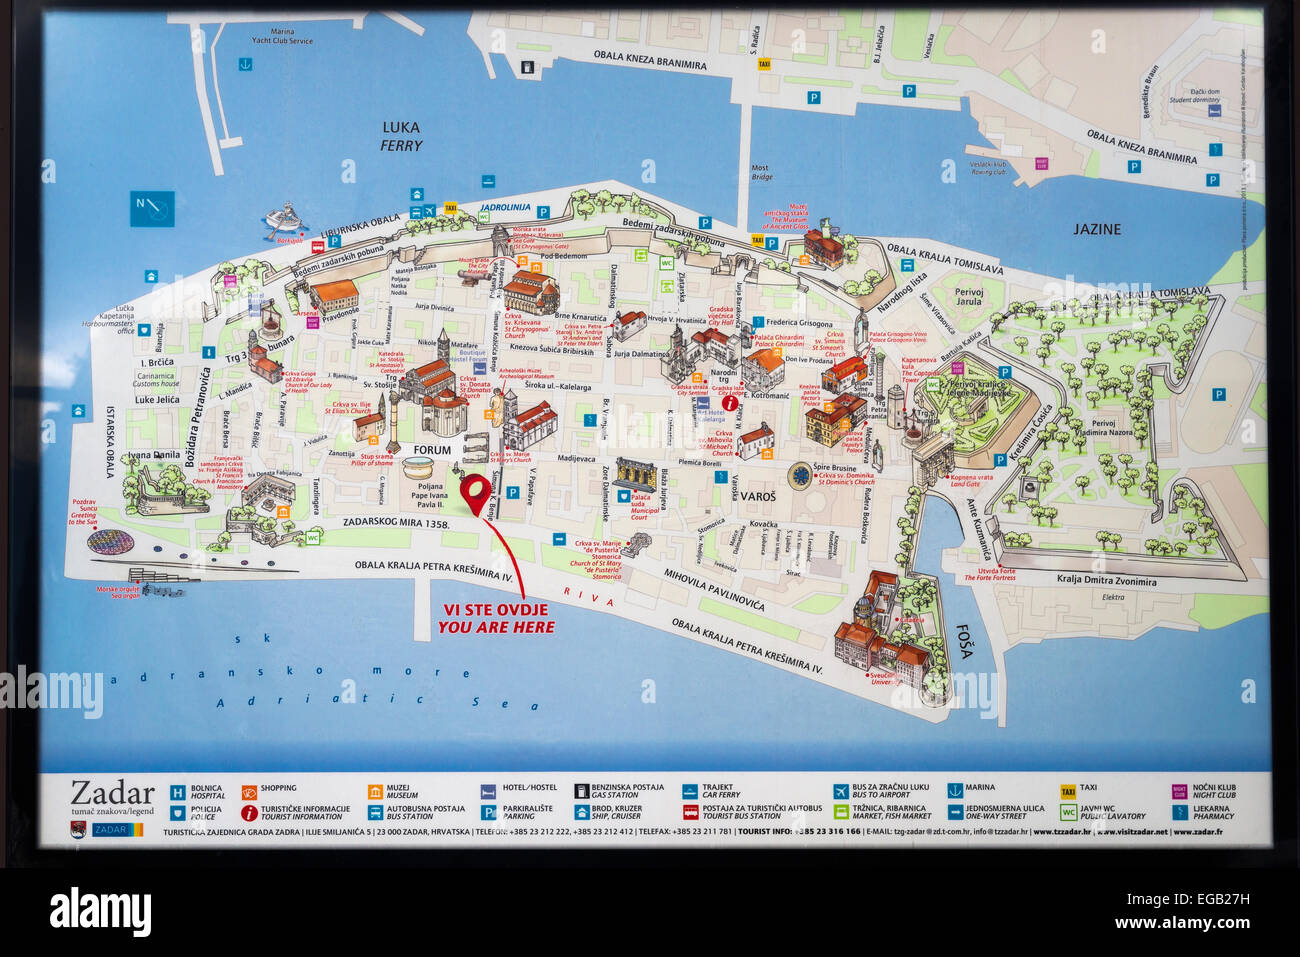 Mapa Del Casco Antiguo De La Ciudad De Zadar La Costa Dalmata